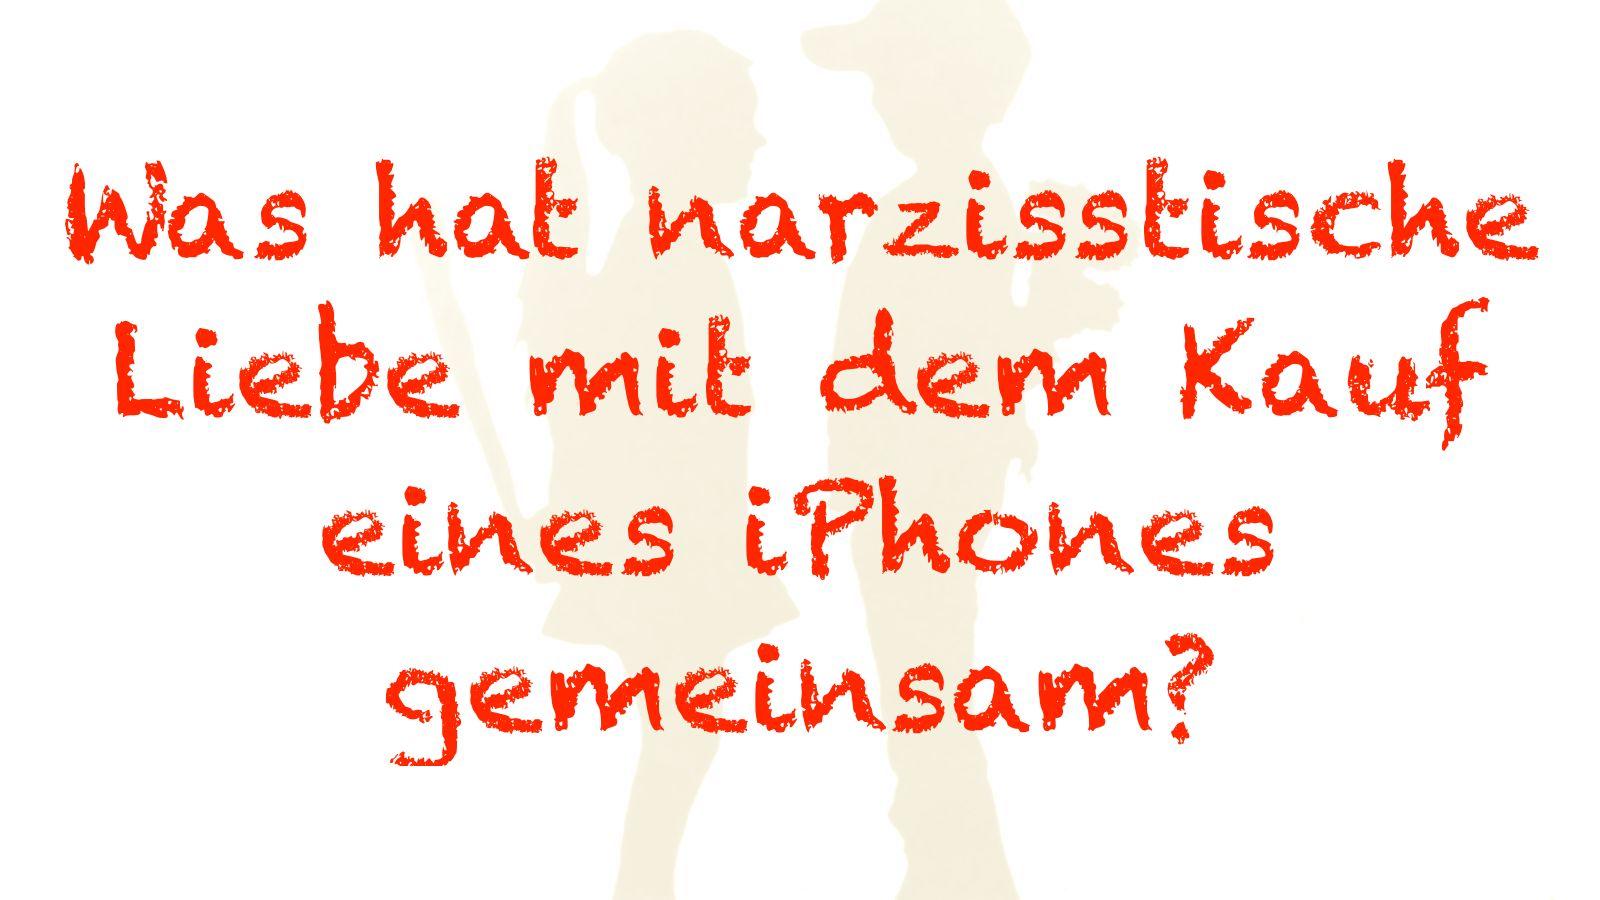 Was hat die narzisstische Liebe mit dem Kauf eines iphones gemeinsam?